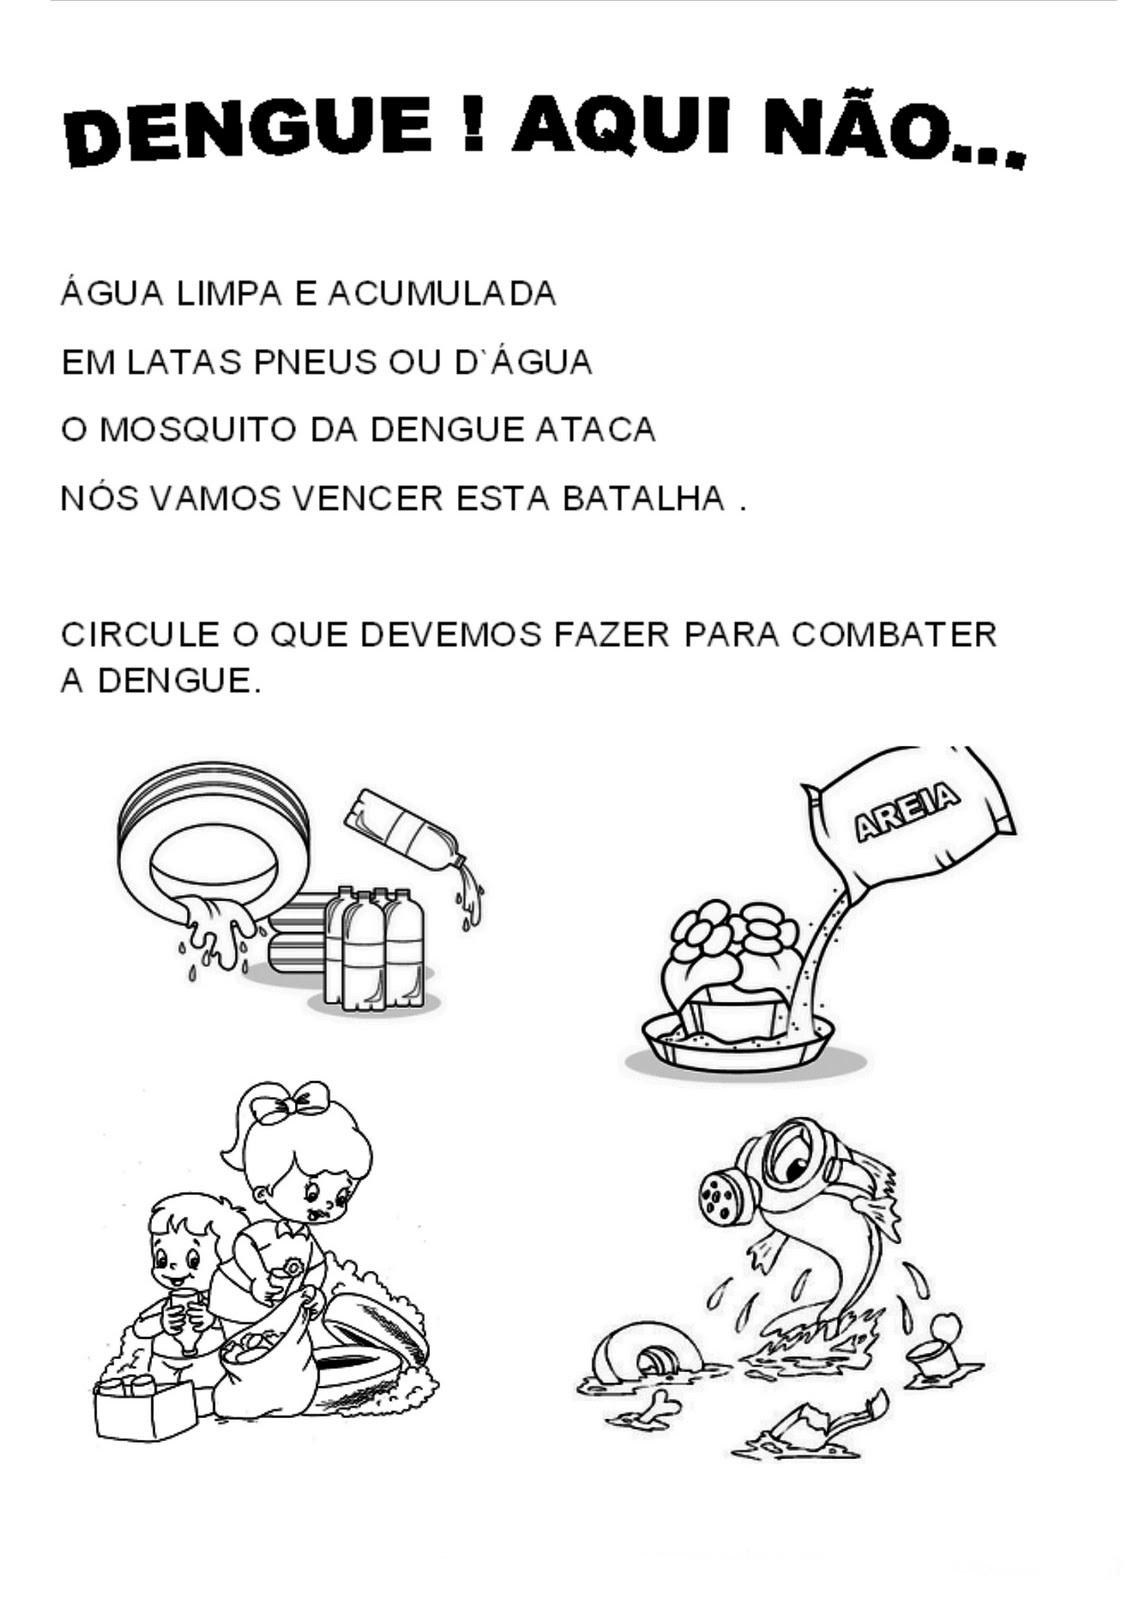 Extremamente Ensinando com Carinho: Atividades sobre a dengue RD04